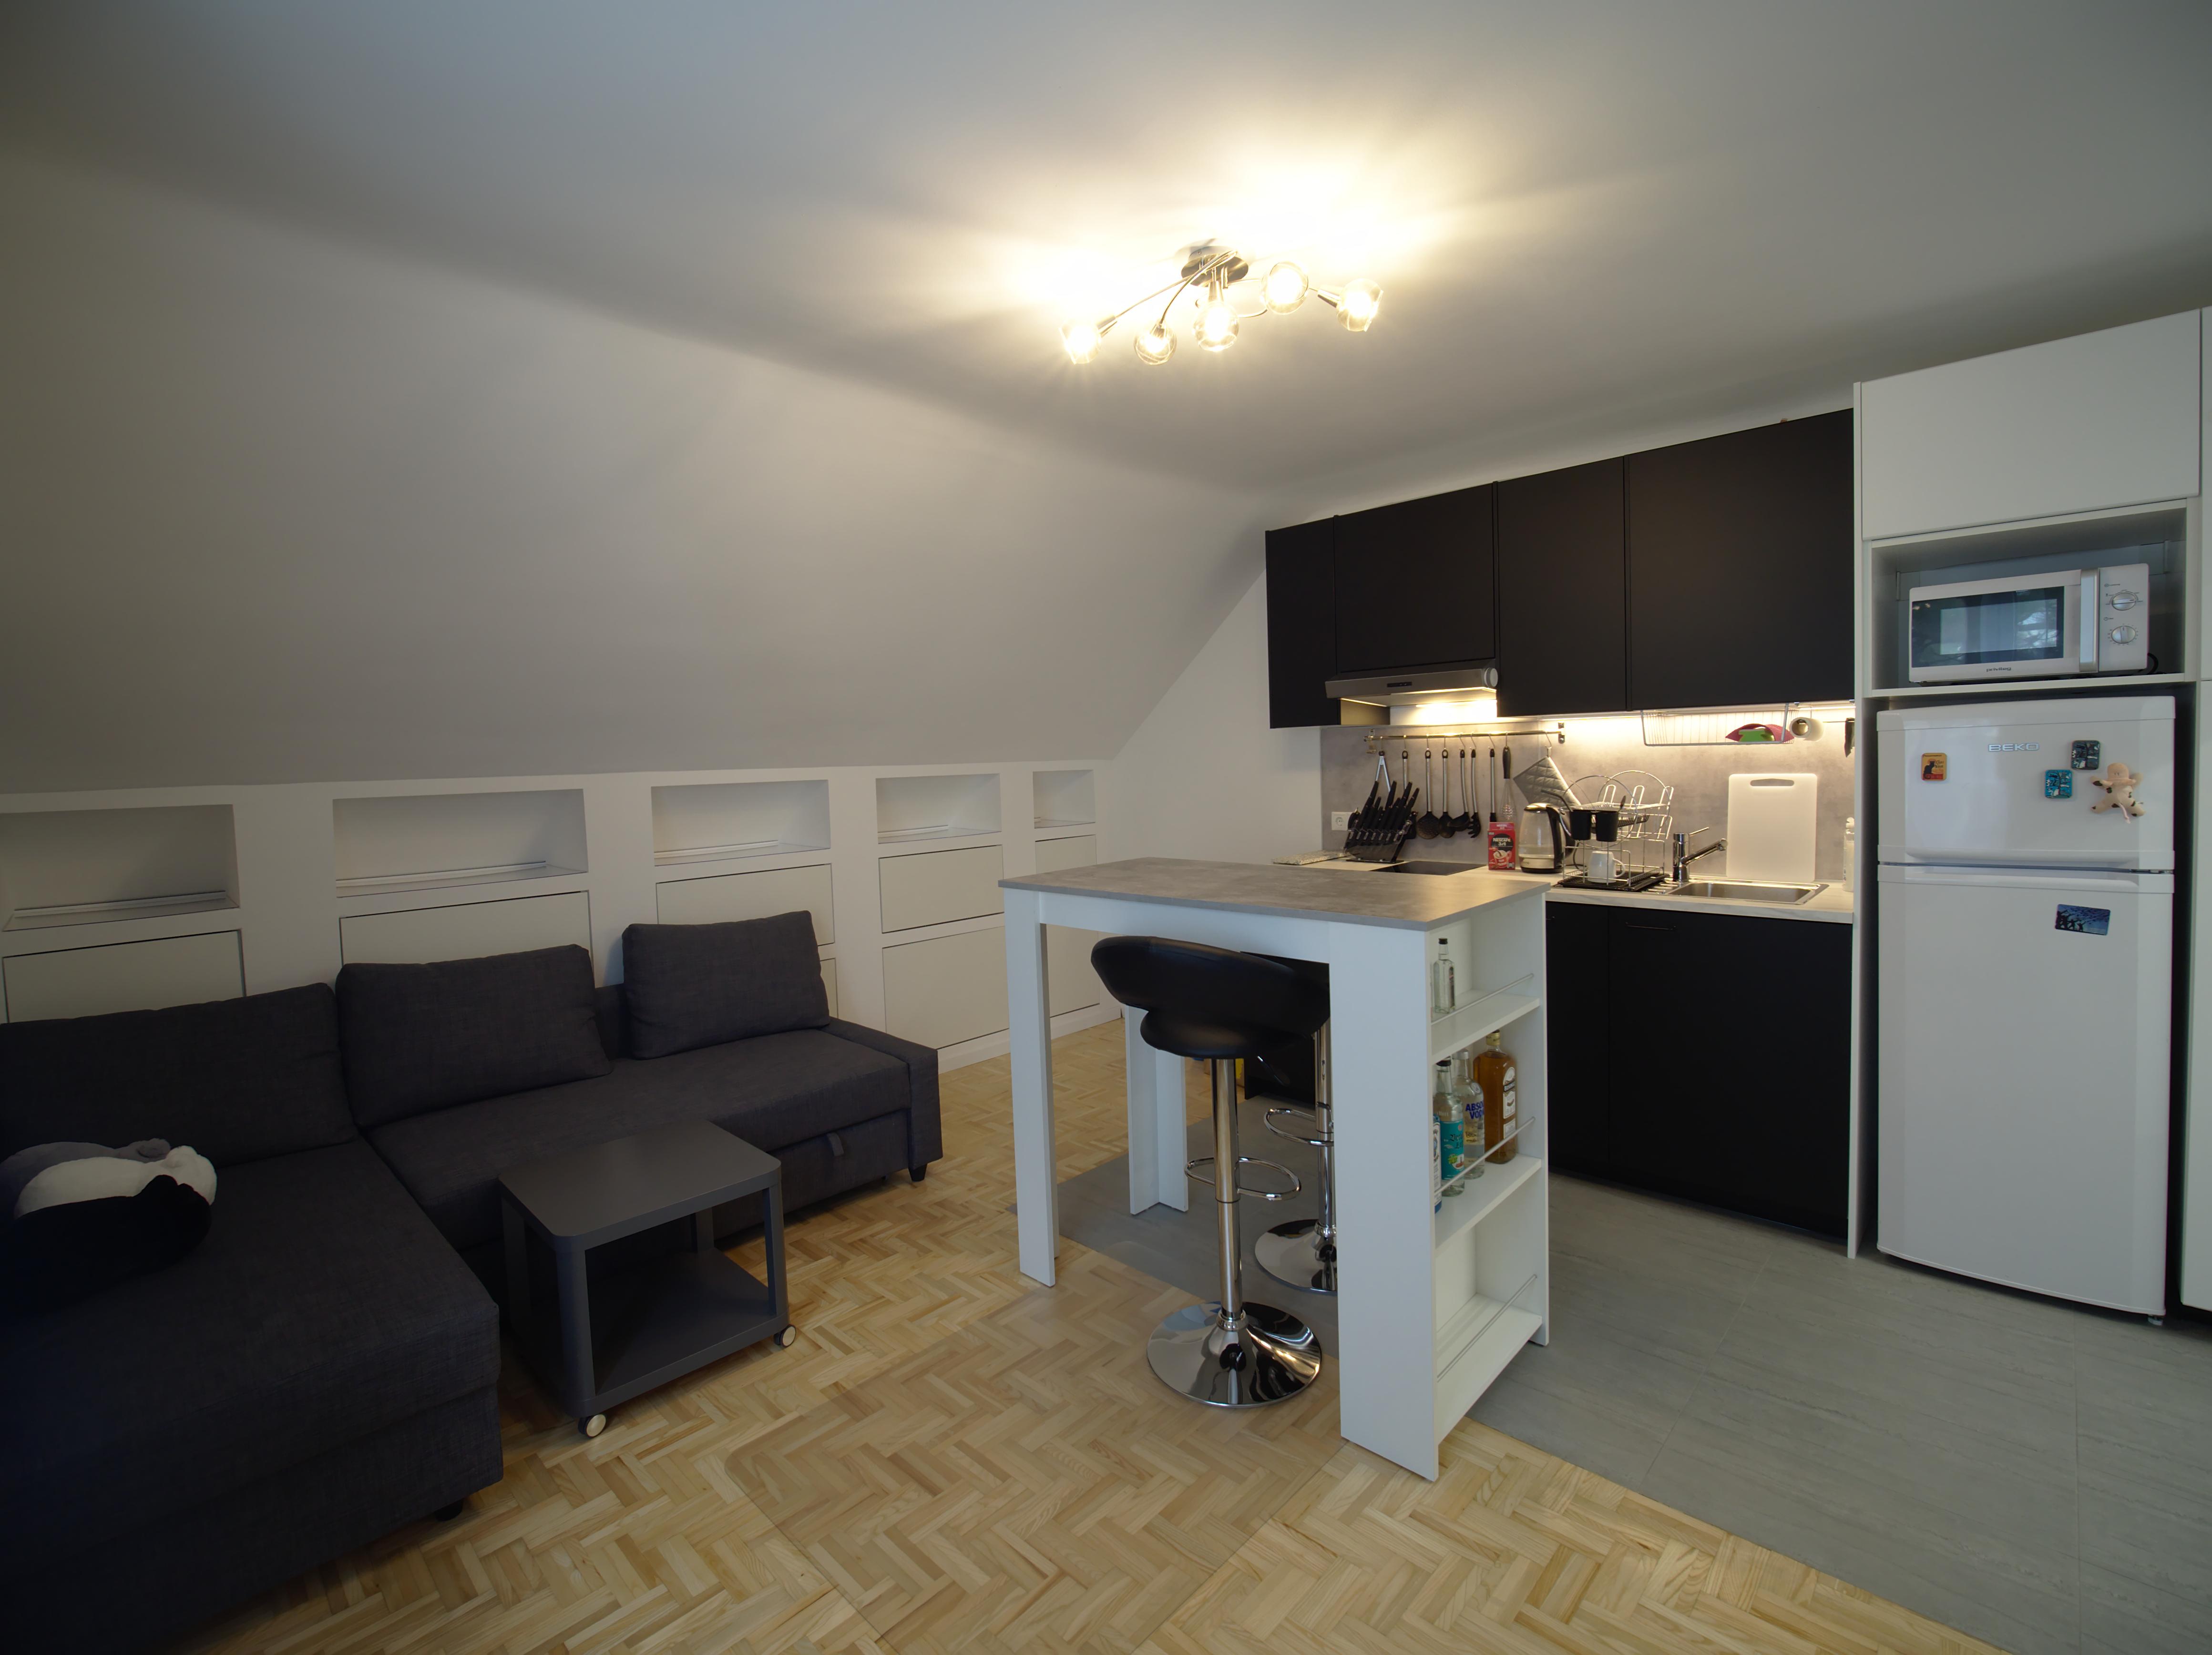 Innen aufnahme, Wohnzimmer, Esszimmer, Küche, kleine Wohnung,